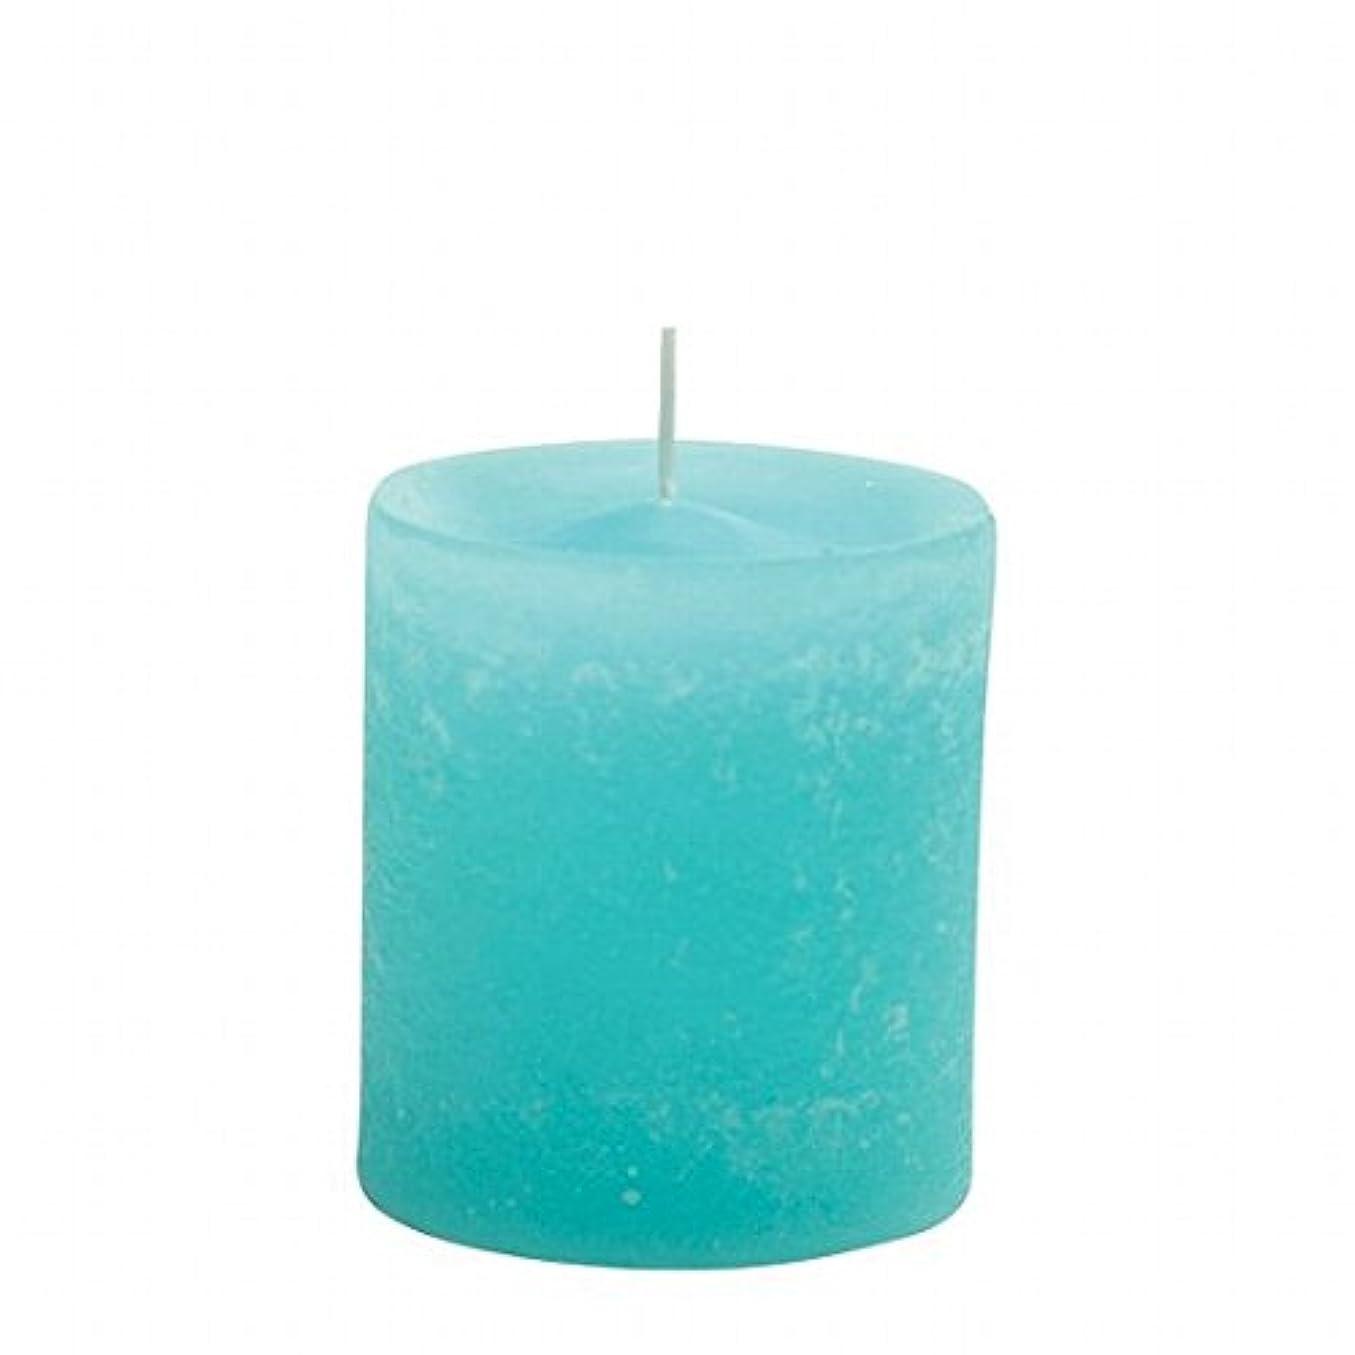 スキャンダル鋸歯状トークカメヤマキャンドル(kameyama candle) ラスティクピラー70×75 「 ライトブルー 」